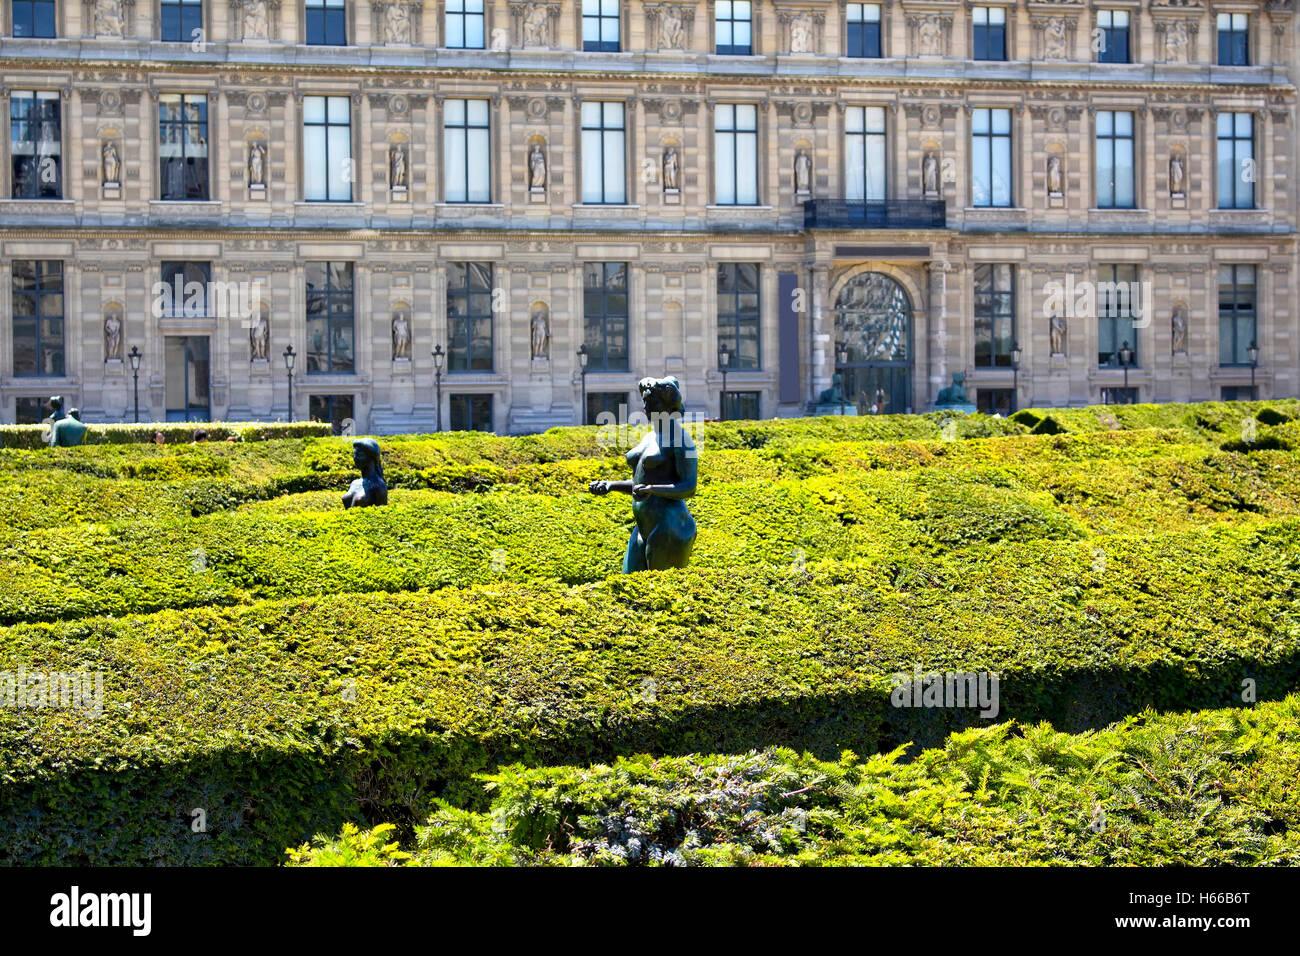 Expansiva, 17th-century jardín formal salpicado de estatuas, entre ellas 18 bronces por Maillol en Jardin des Tuileries en París Foto de stock